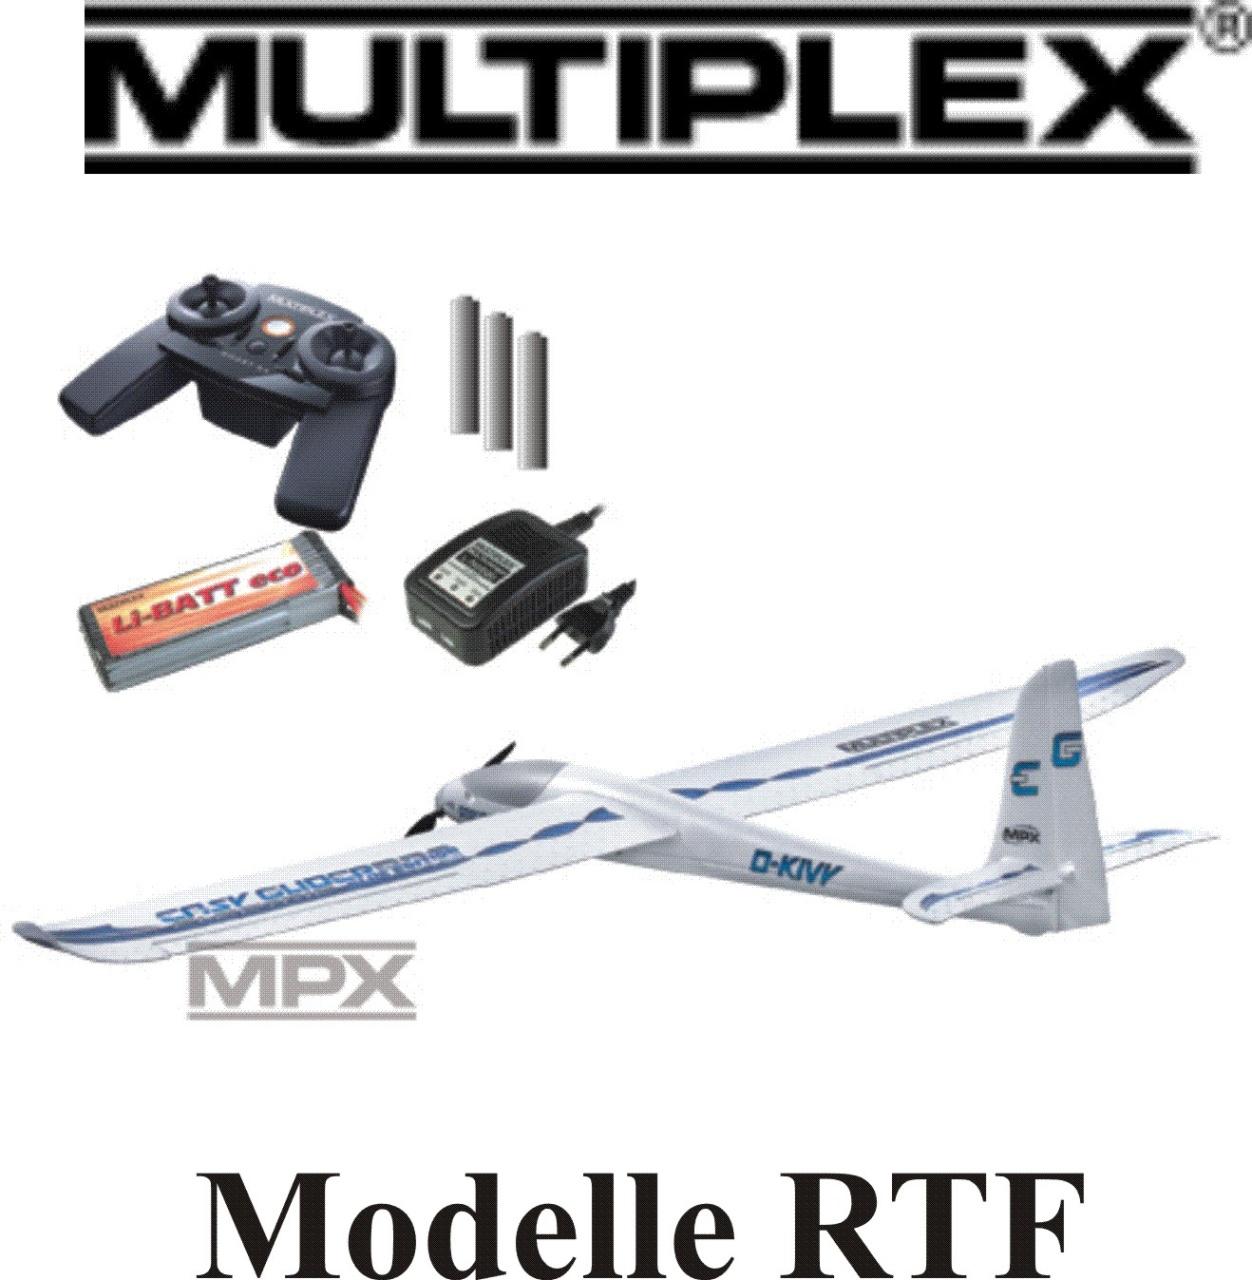 Modelle RTF